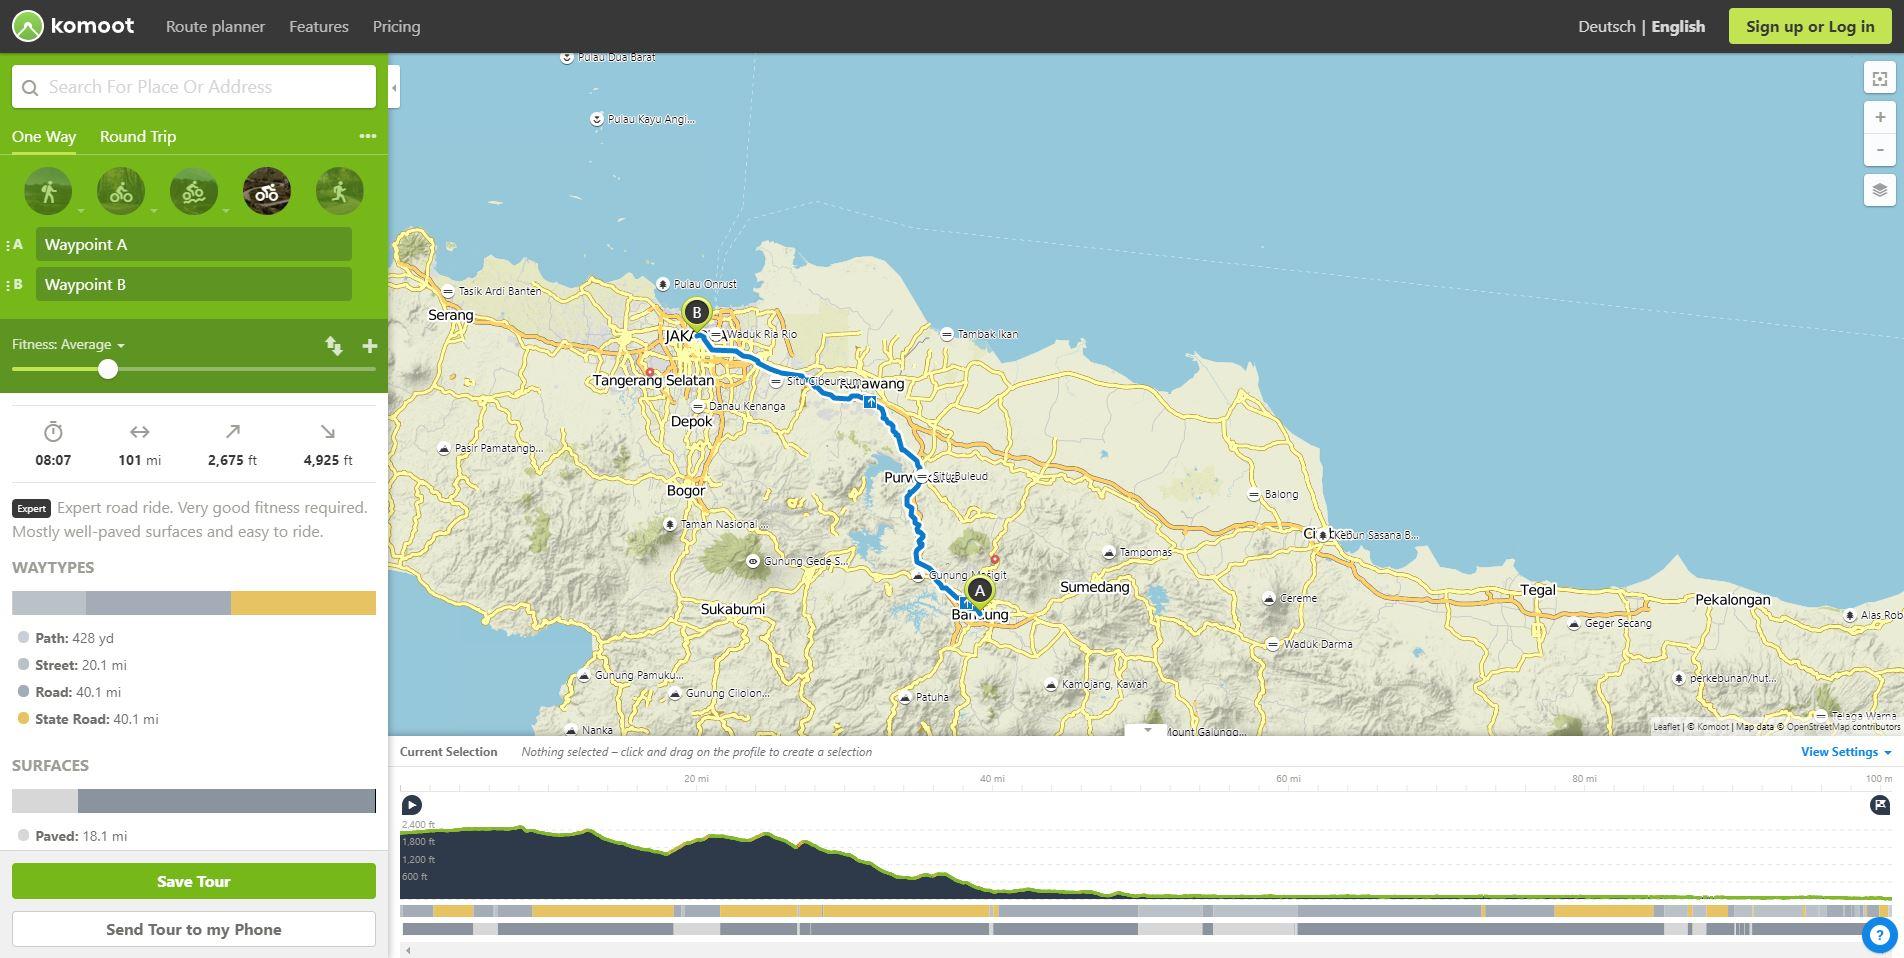 Komoot - Route Planner